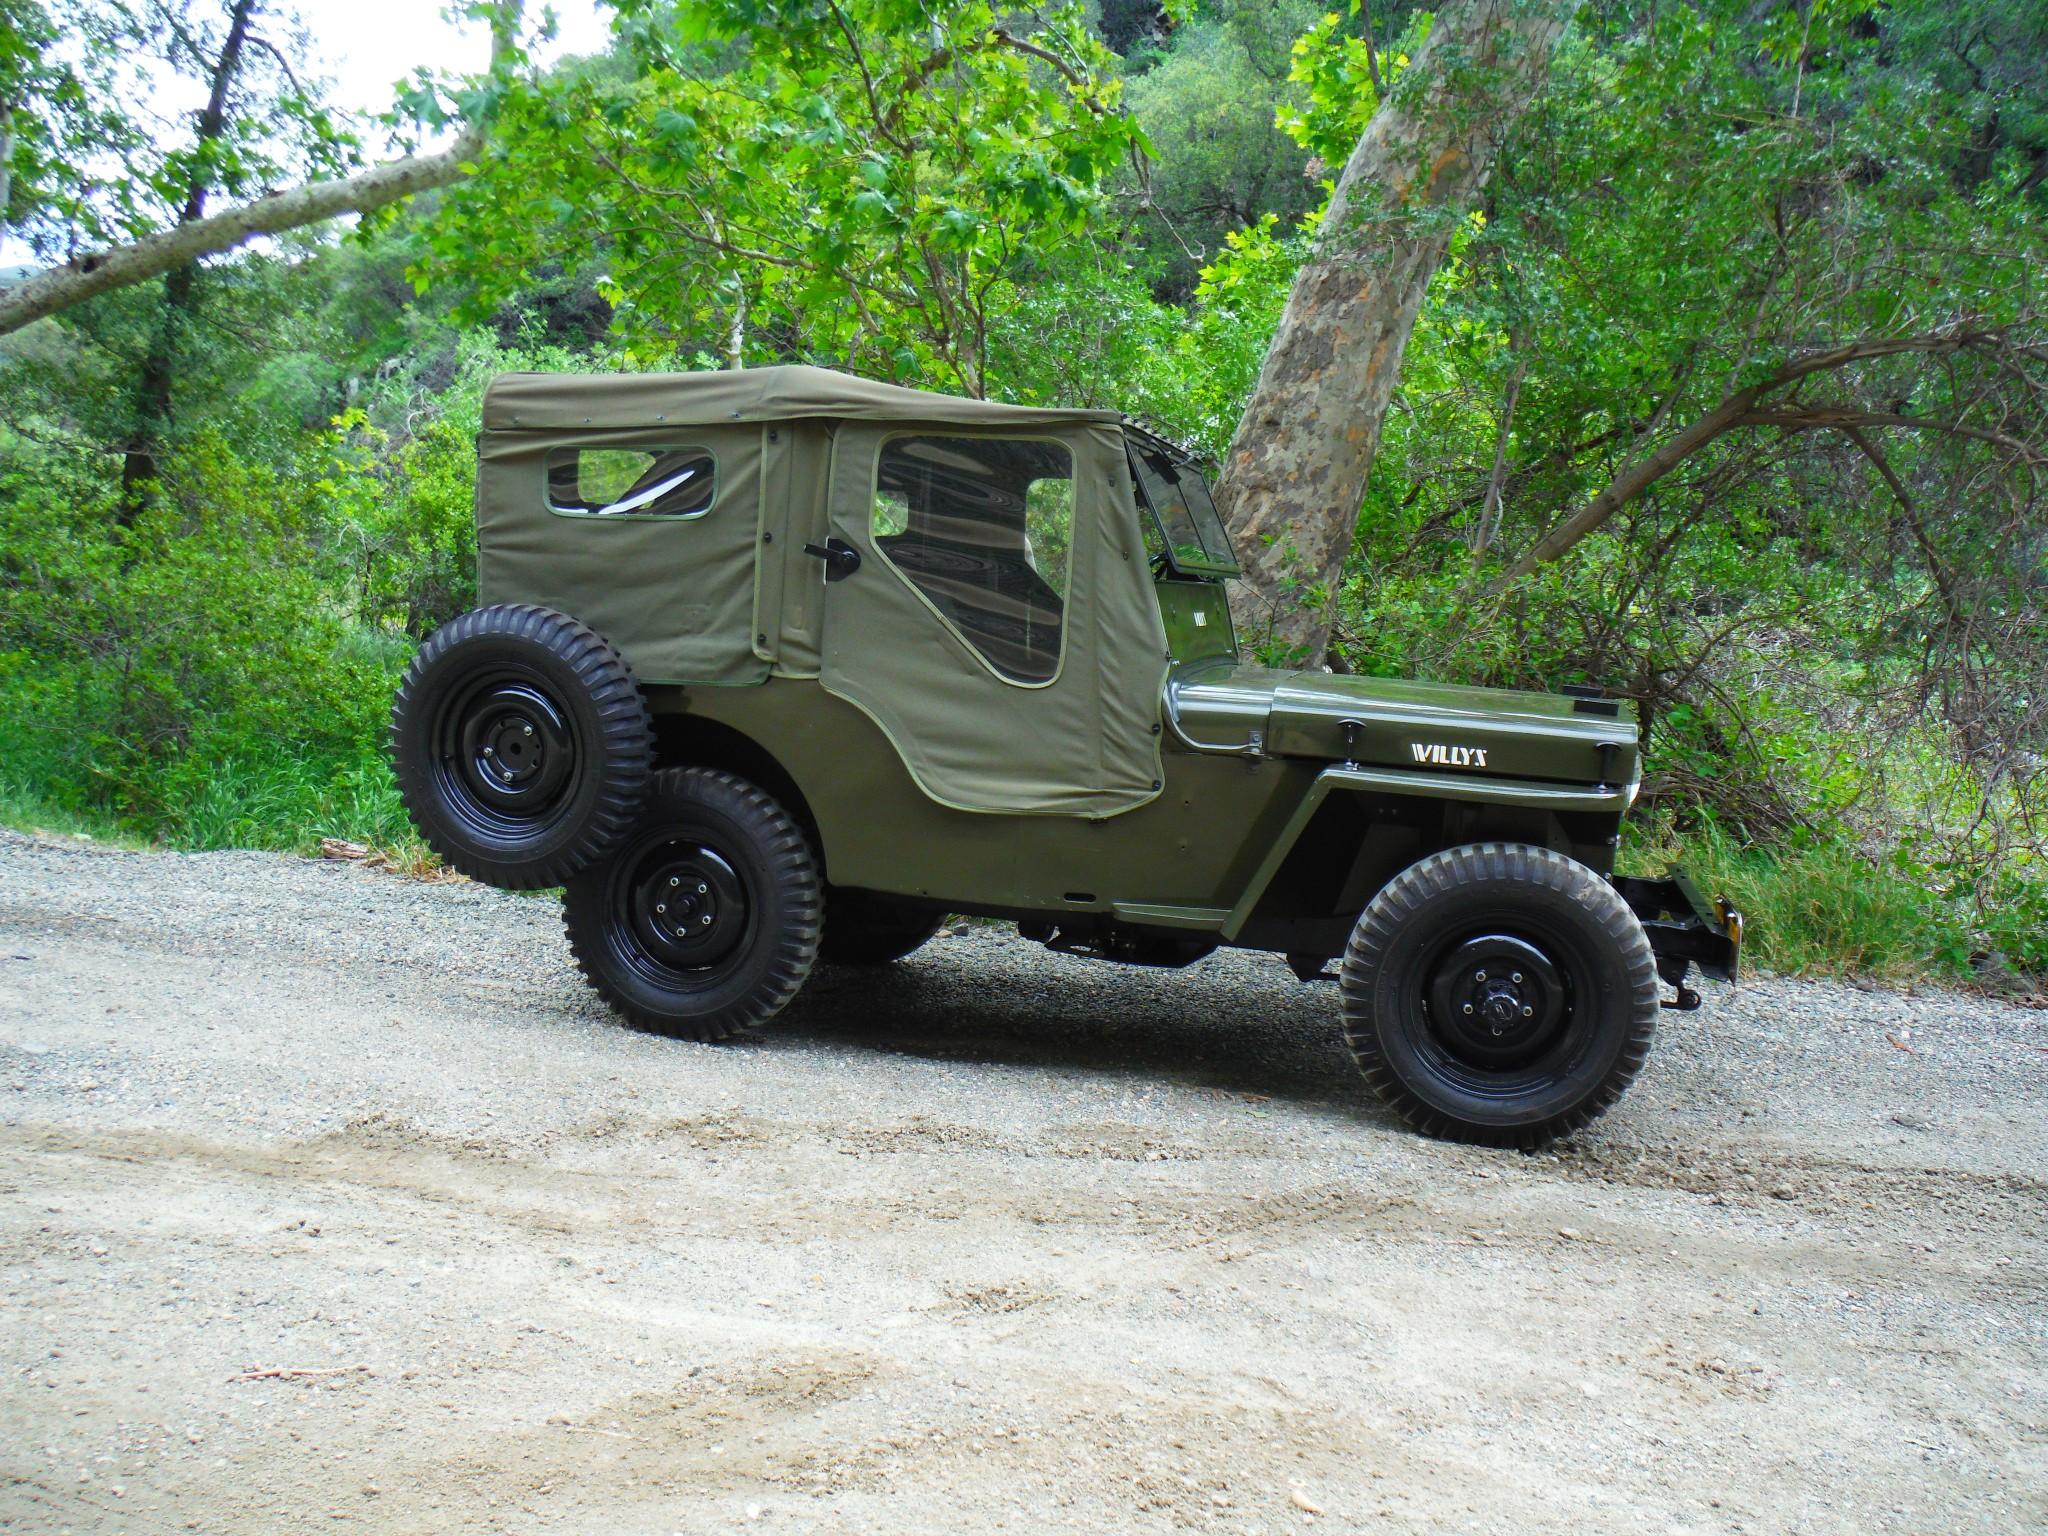 willys jeep cj2a revivaler. Black Bedroom Furniture Sets. Home Design Ideas